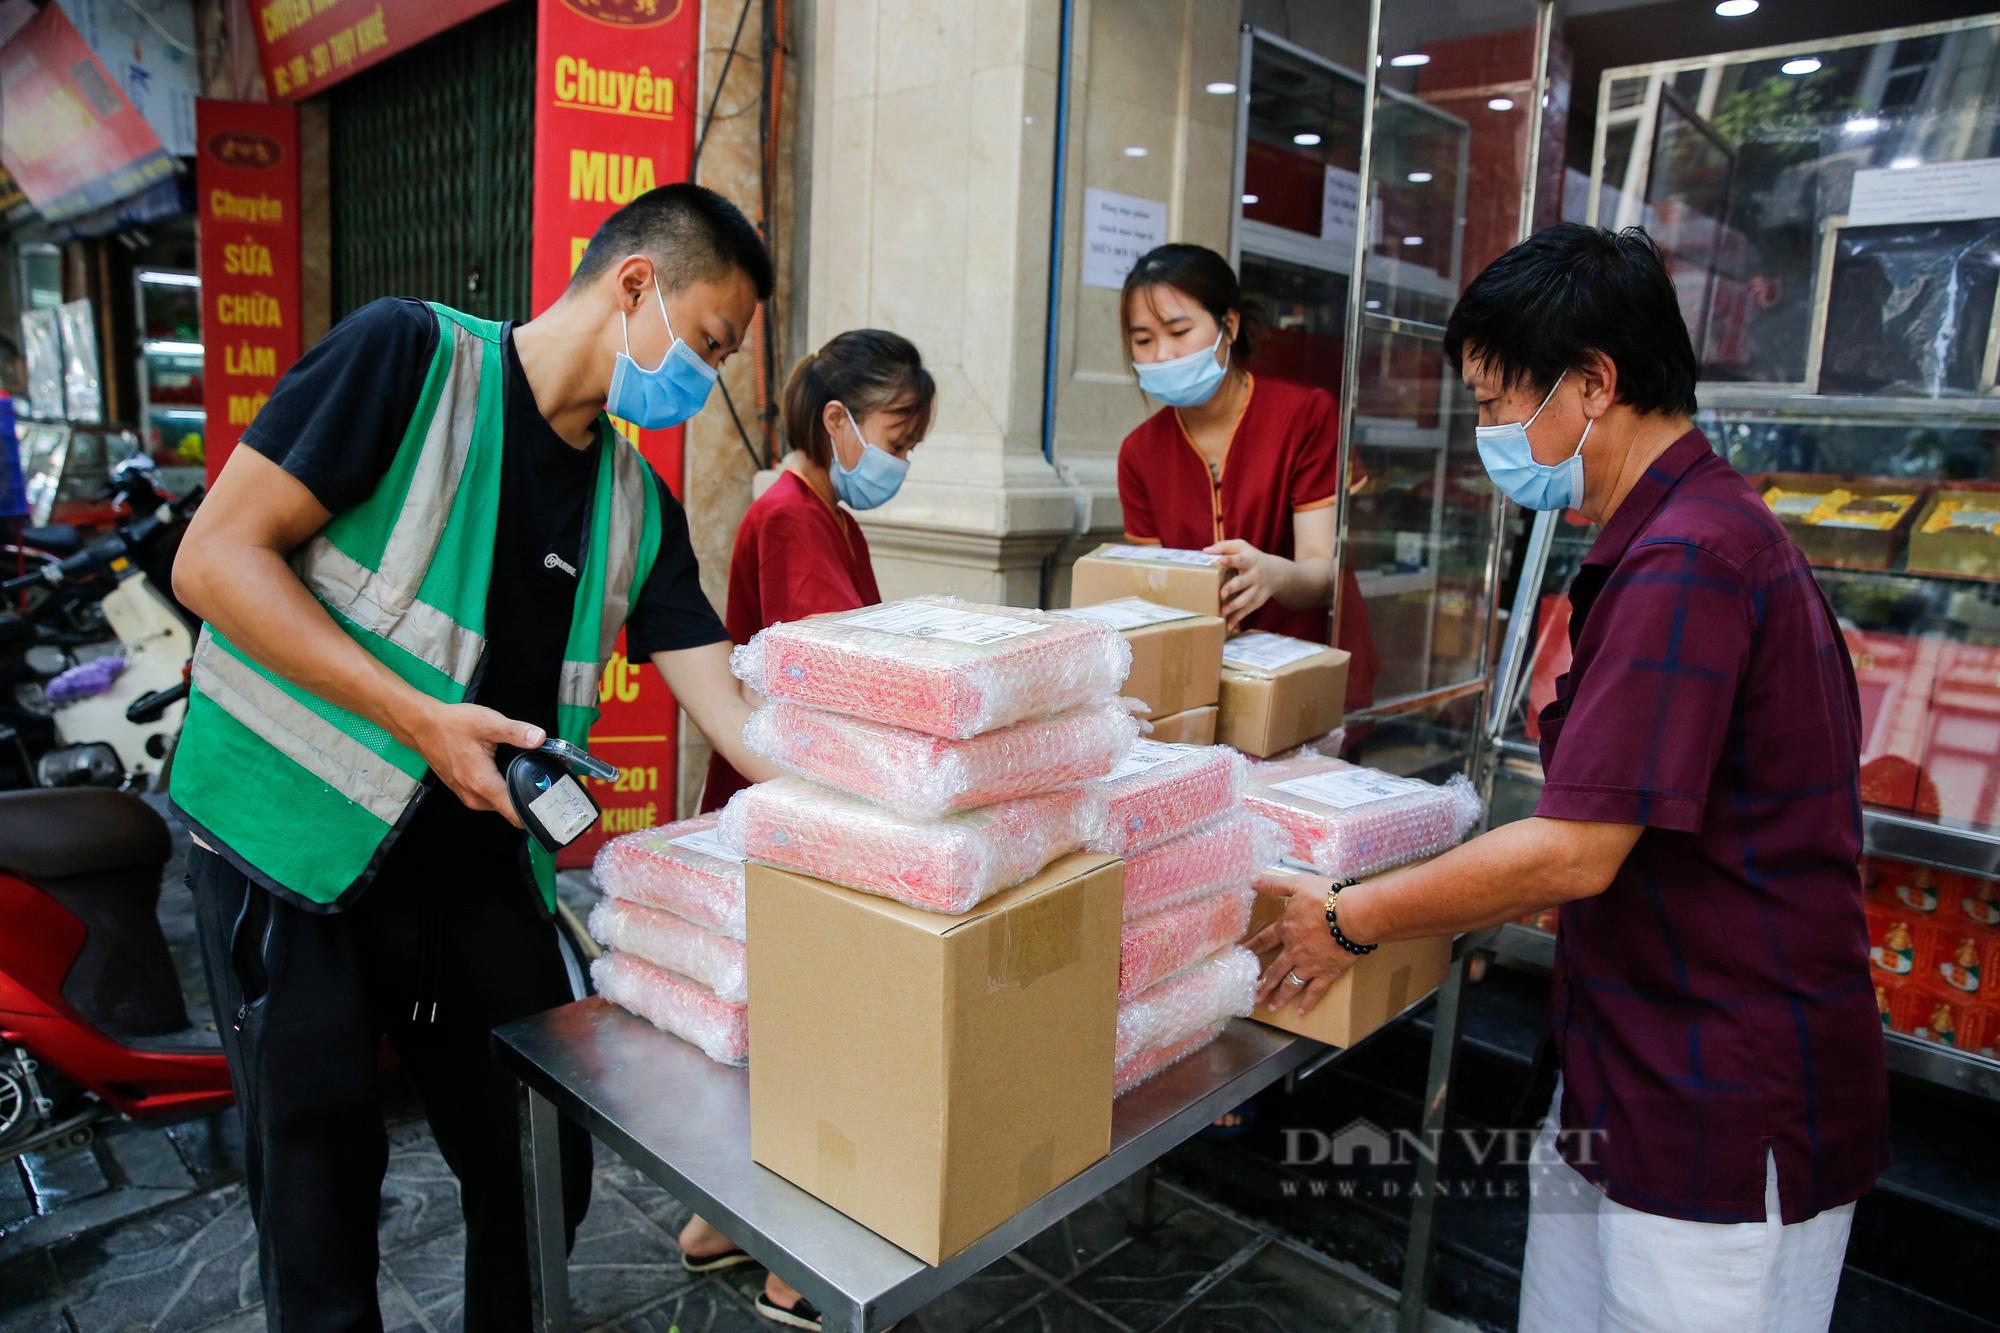 Thị trường bánh trung thu ảm đạm, cơ sở sản xuất loay hoay tìm kênh online - Ảnh 10.